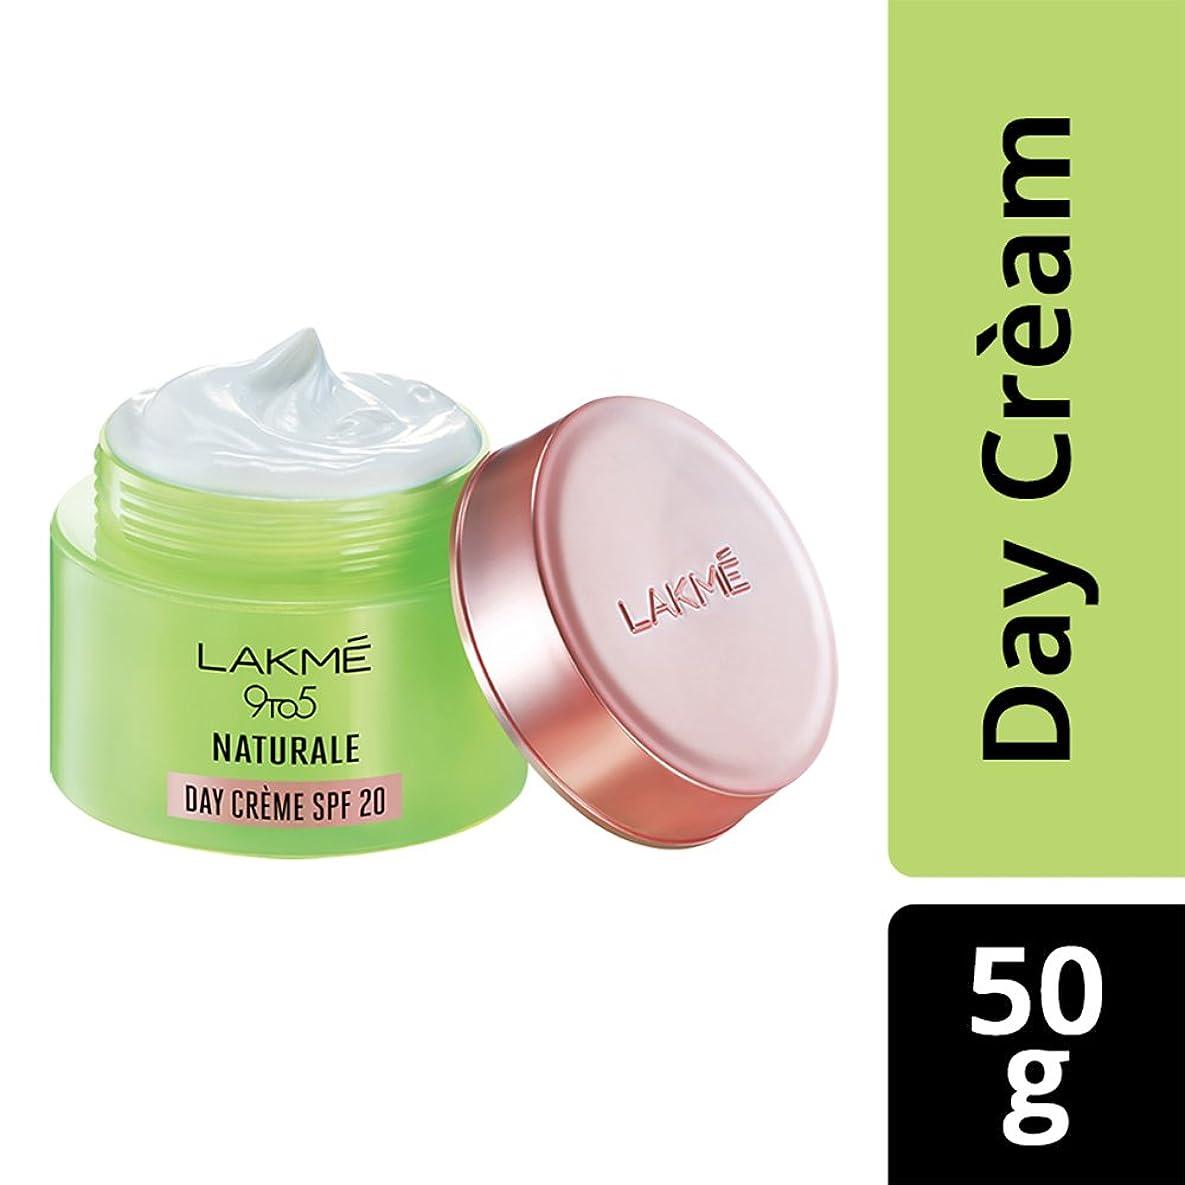 持続する散らすステープルLakme 9 to 5 Naturale Day Creme SPF 20, 50 g